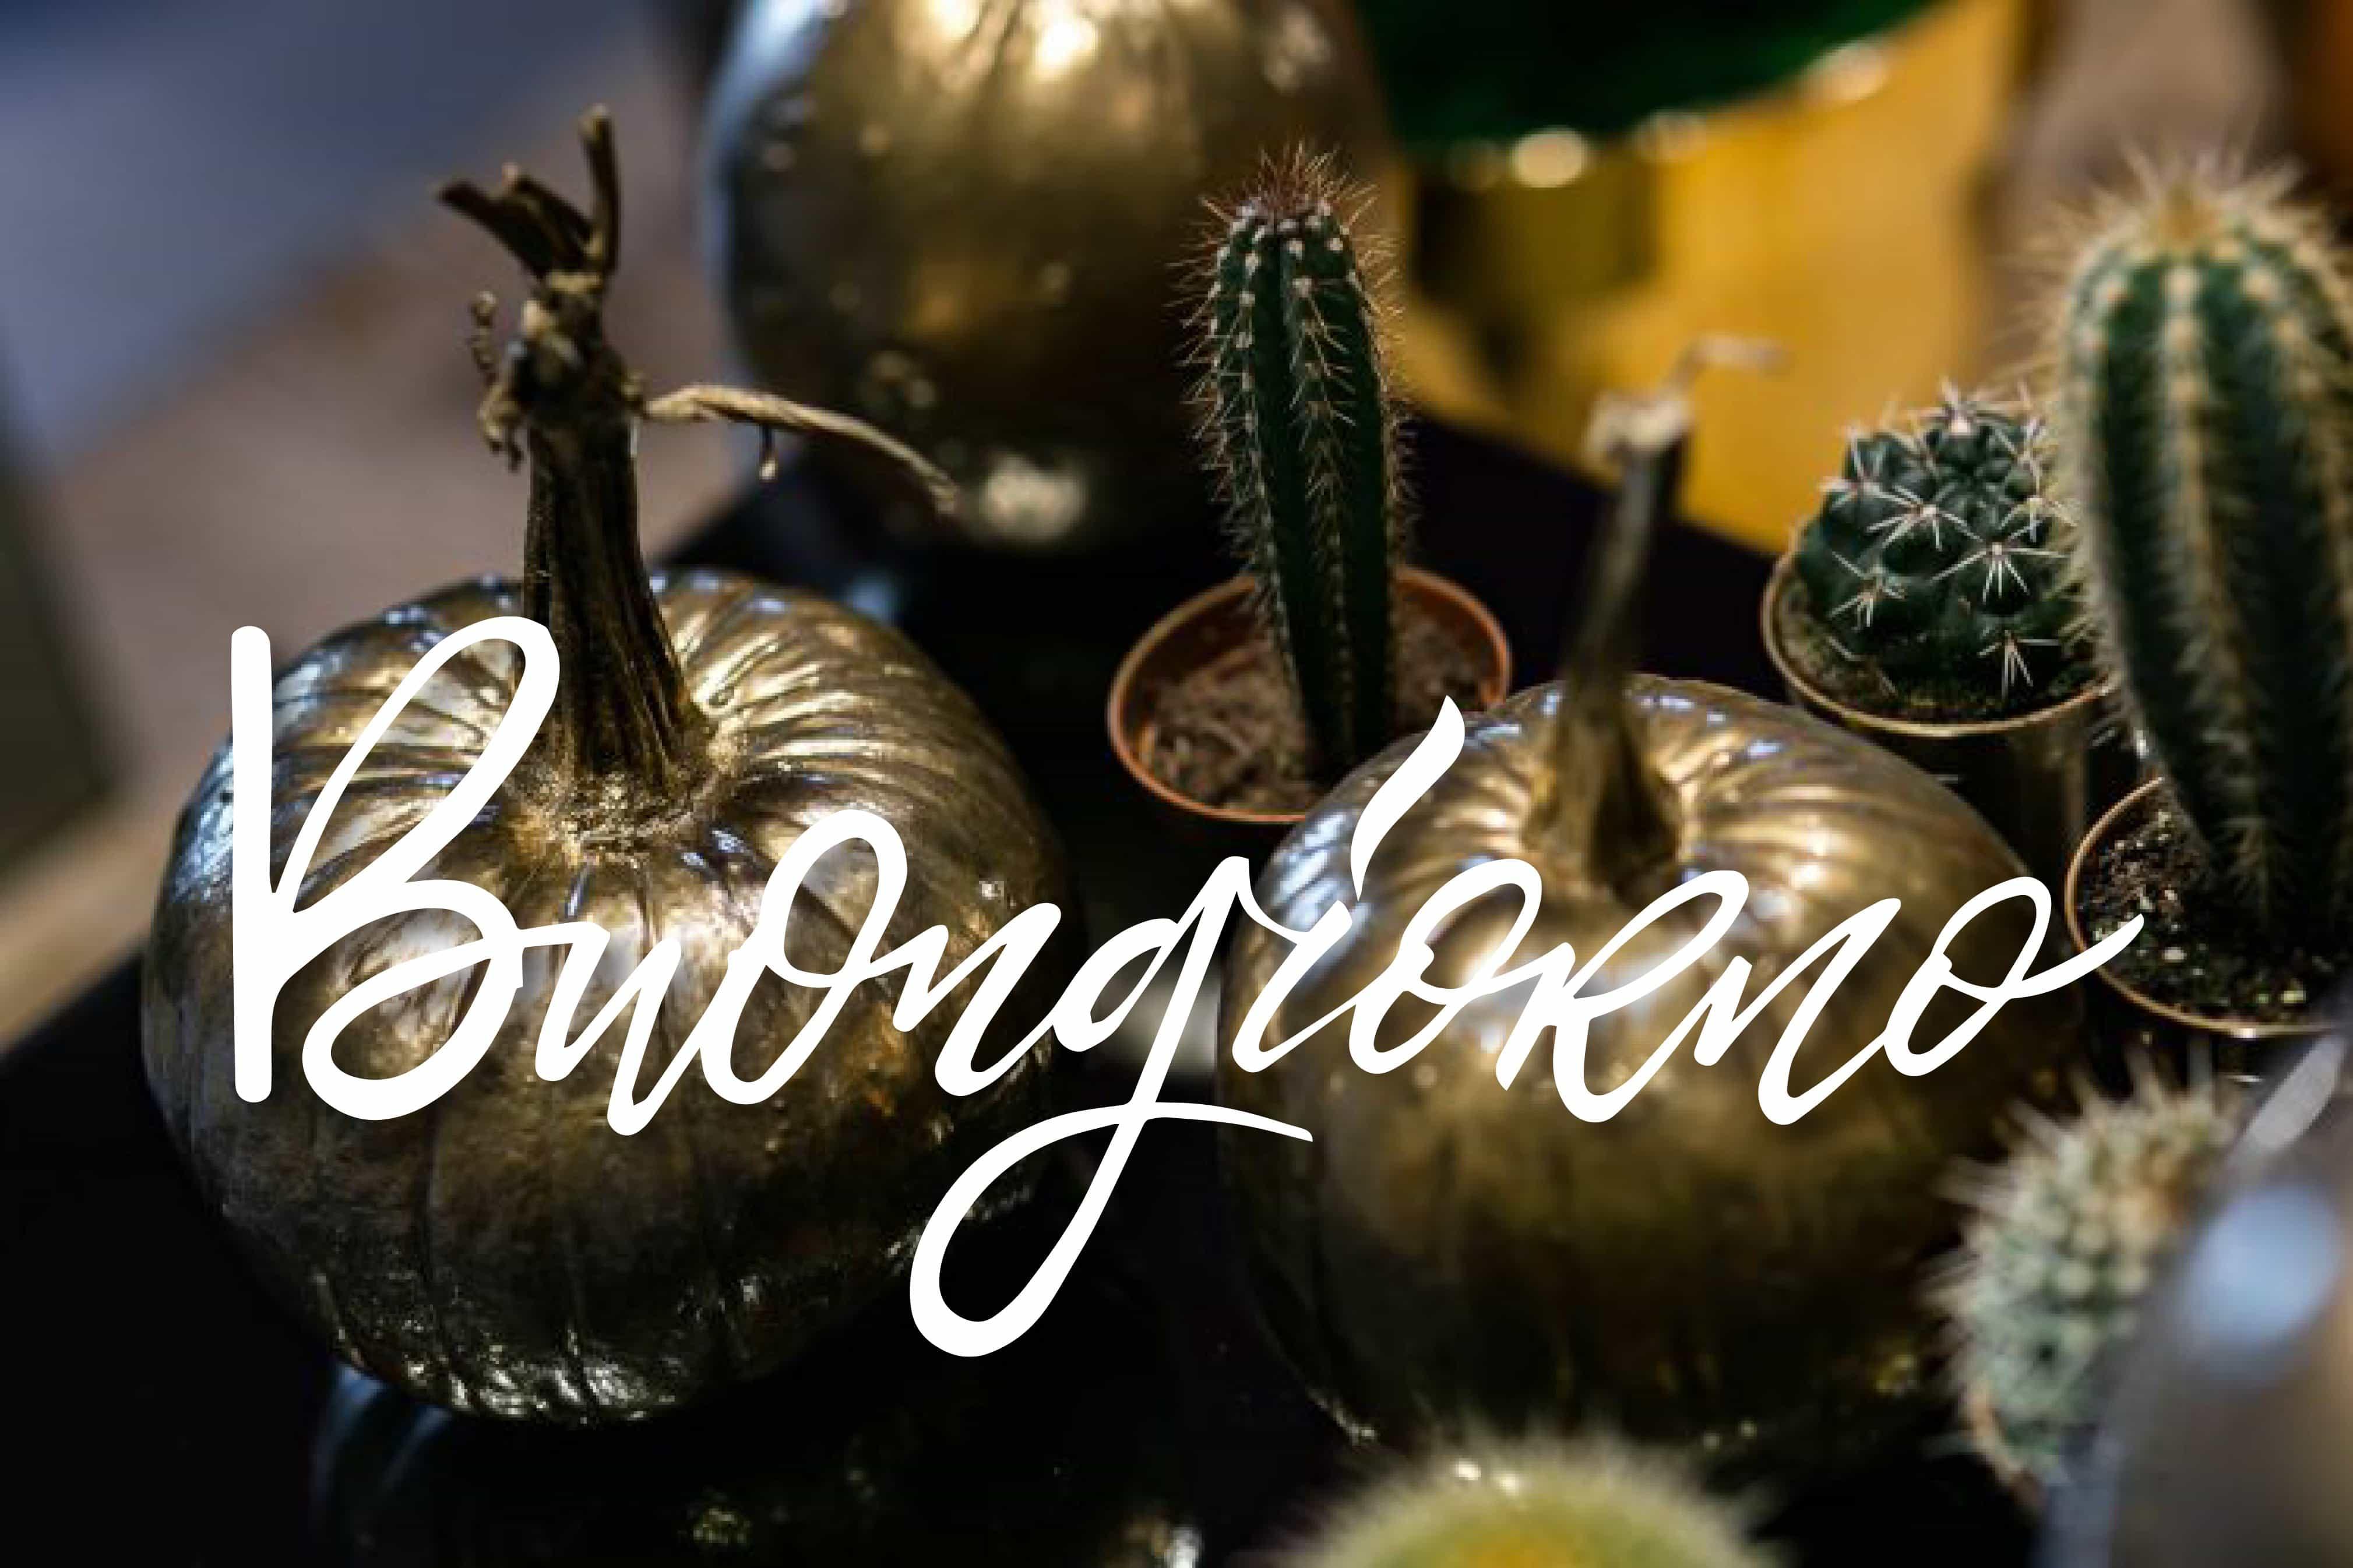 Buona Halloween e buona giornata foto